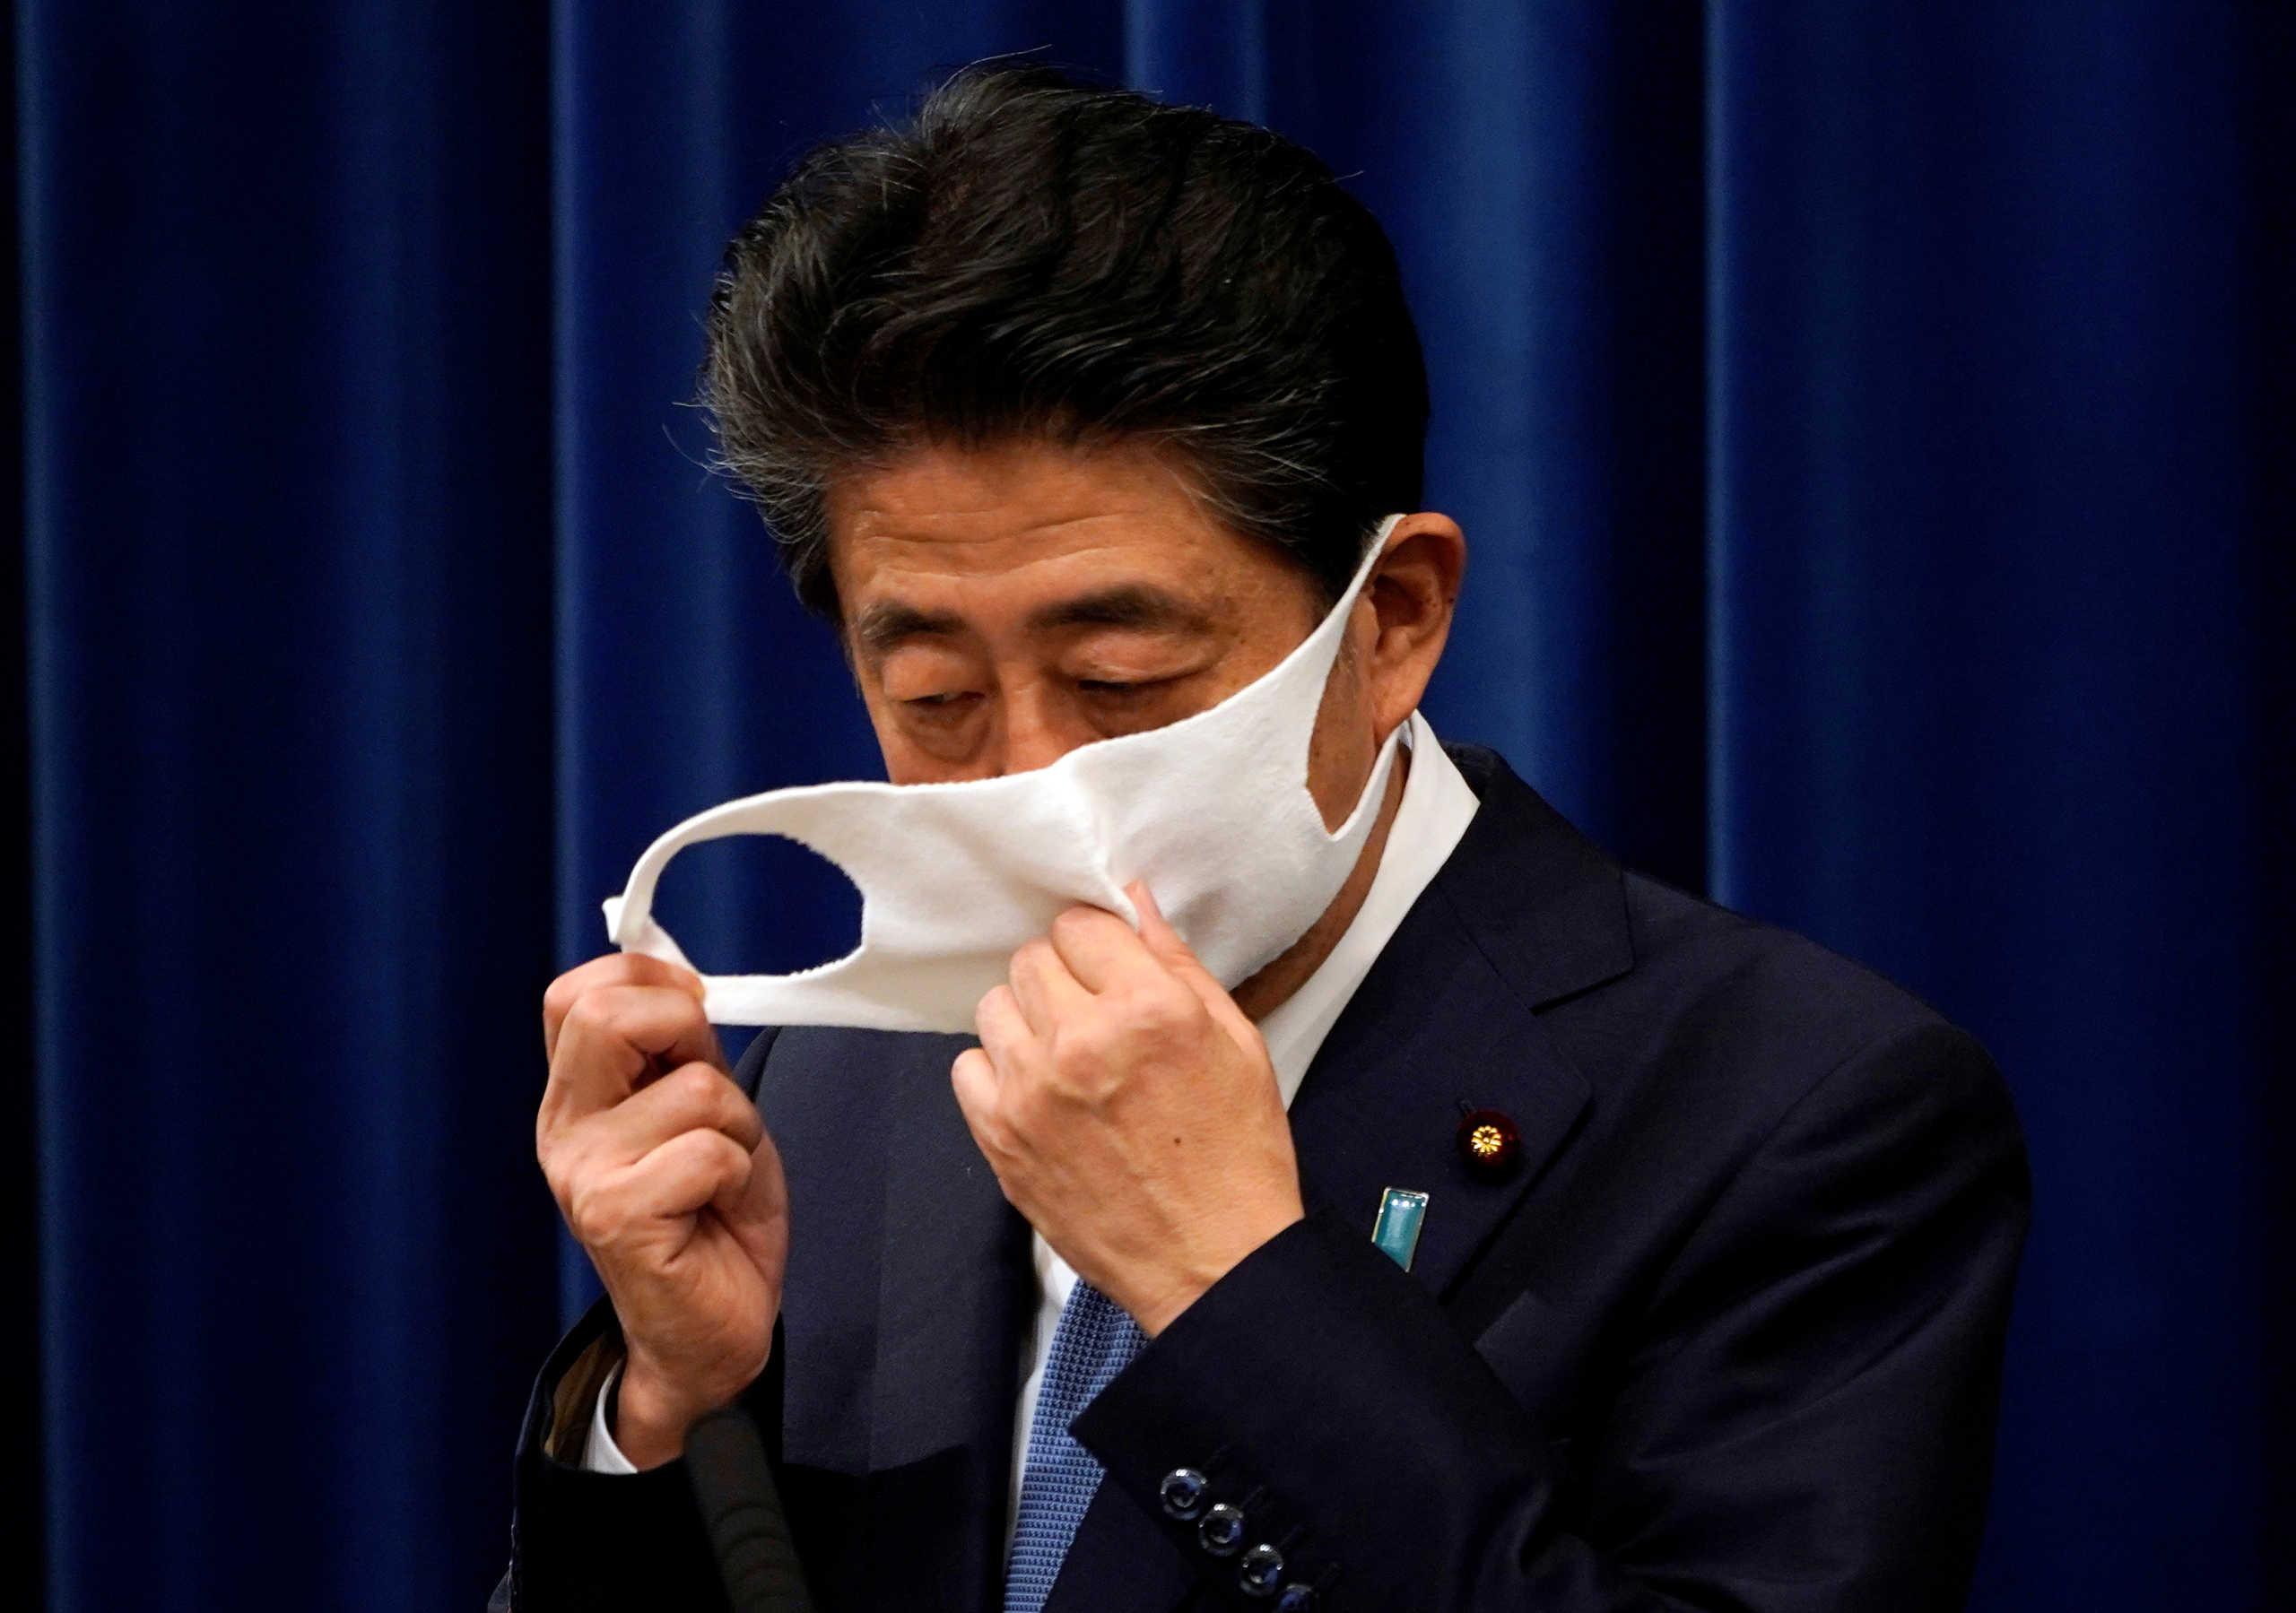 Παραιτήθηκε ο Ιάπωνας πρωθυπουργός, Σίνζο Άμπε και ζήτησε συγγνώμη από τον λαό του